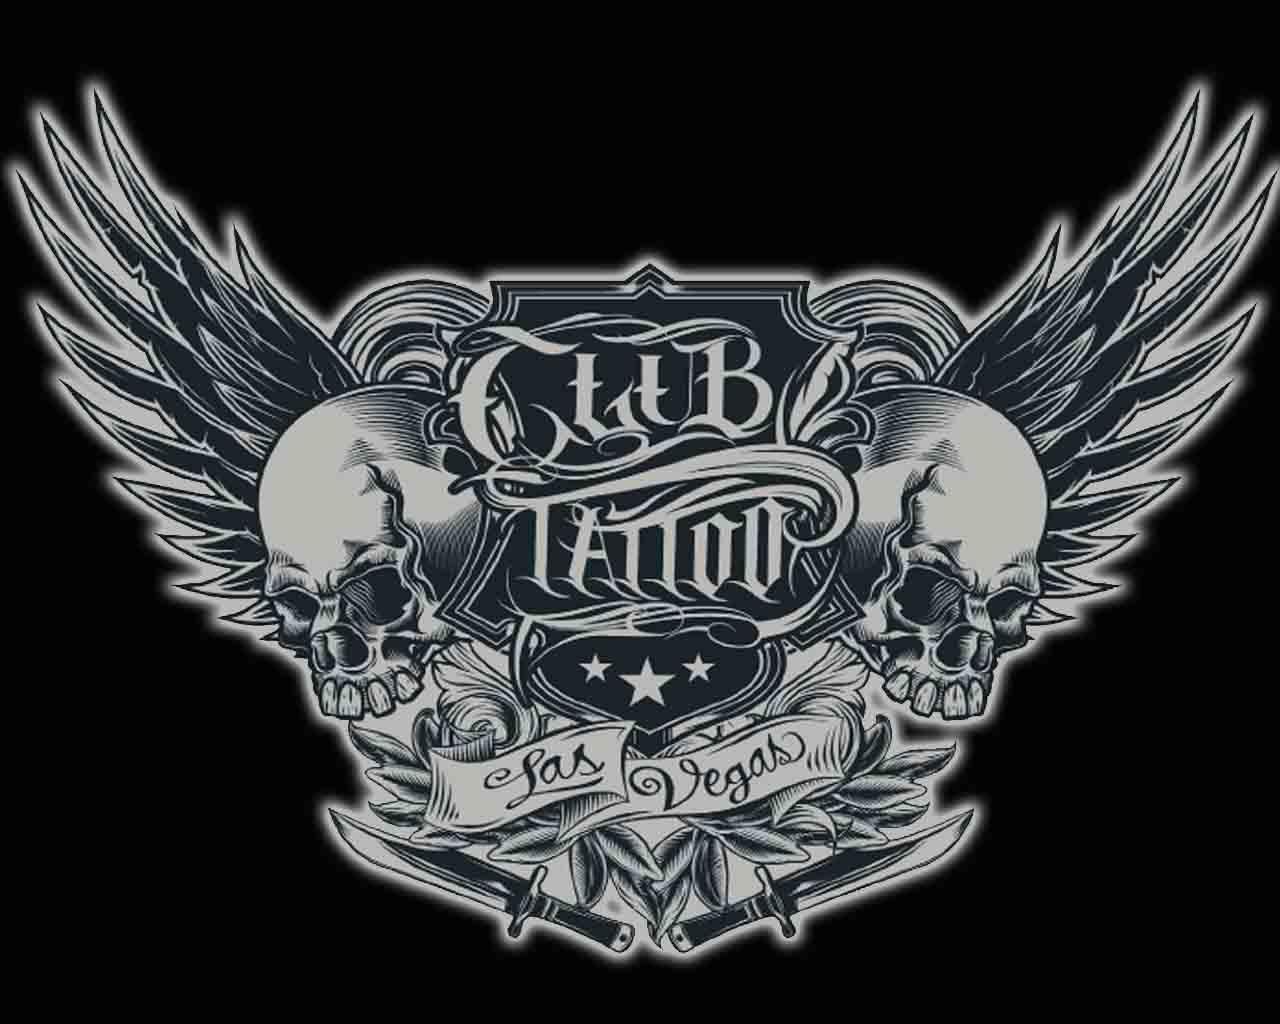 tattoo wallpapers 1280x1024